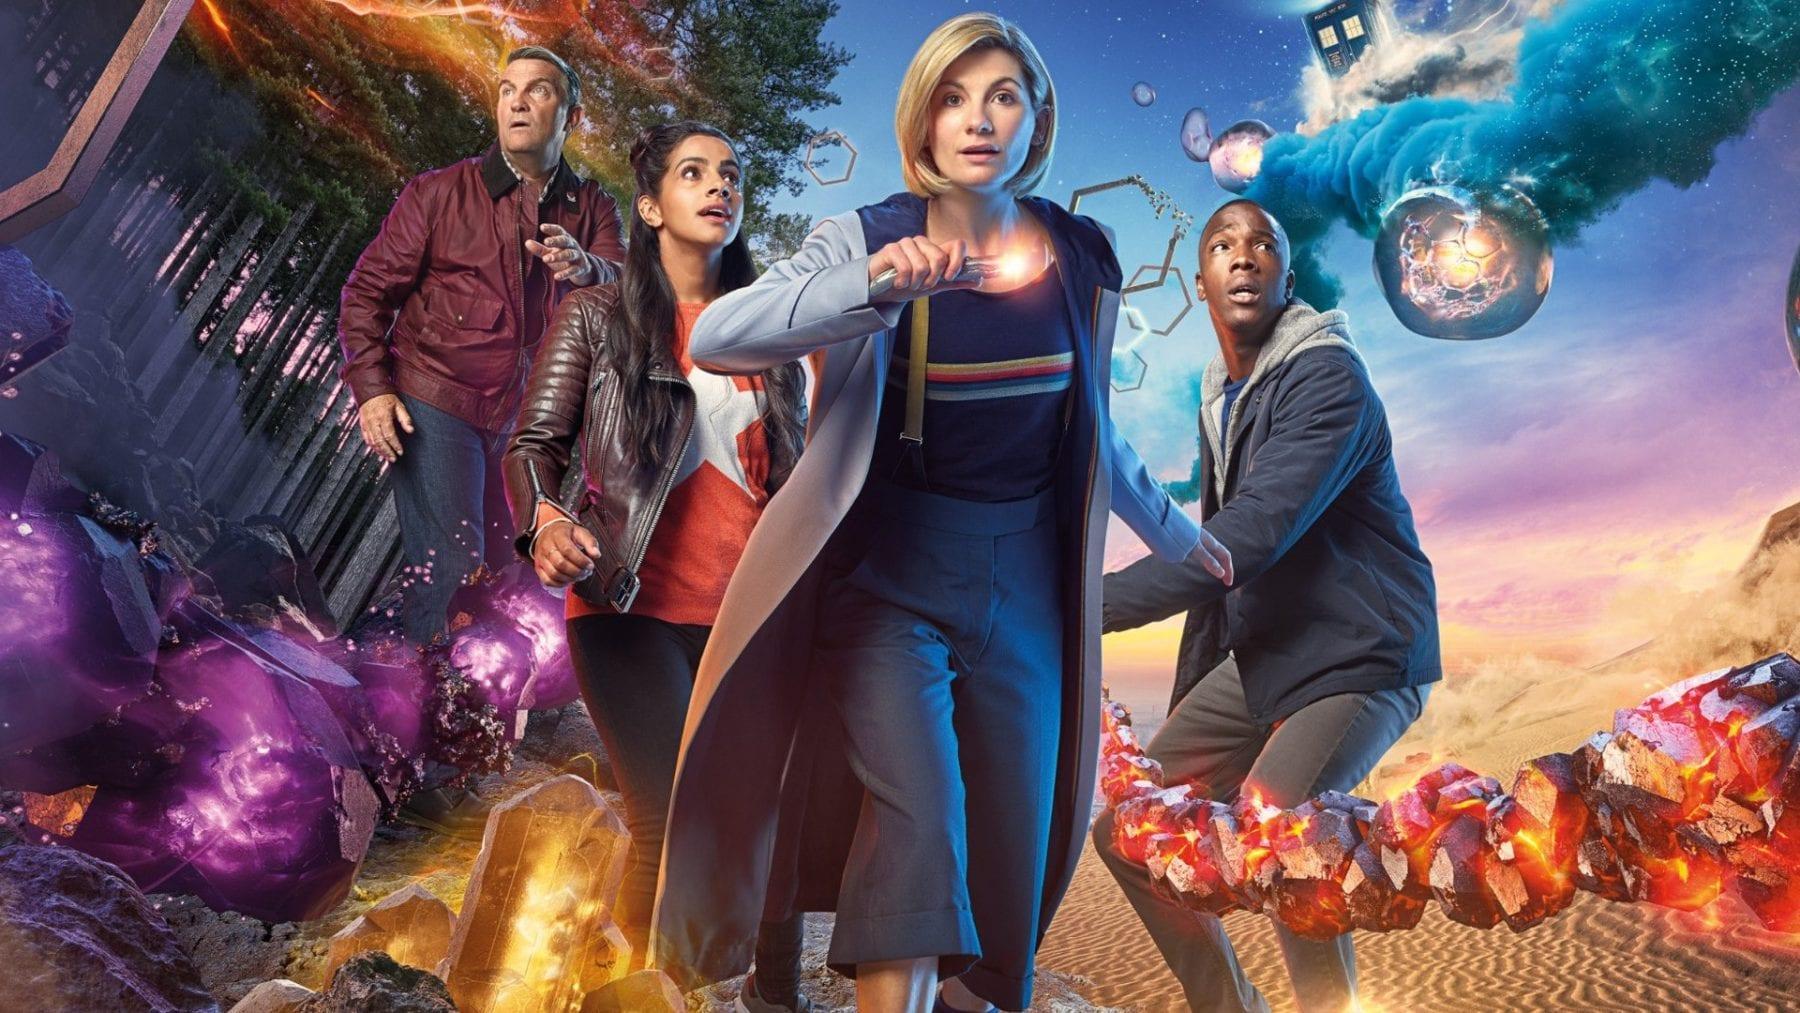 Exclusivo: Jodie Whittaker, de Doctor Who, sobre trabajar con Bradley Walsh, Tosin Cole y Mandip Gill